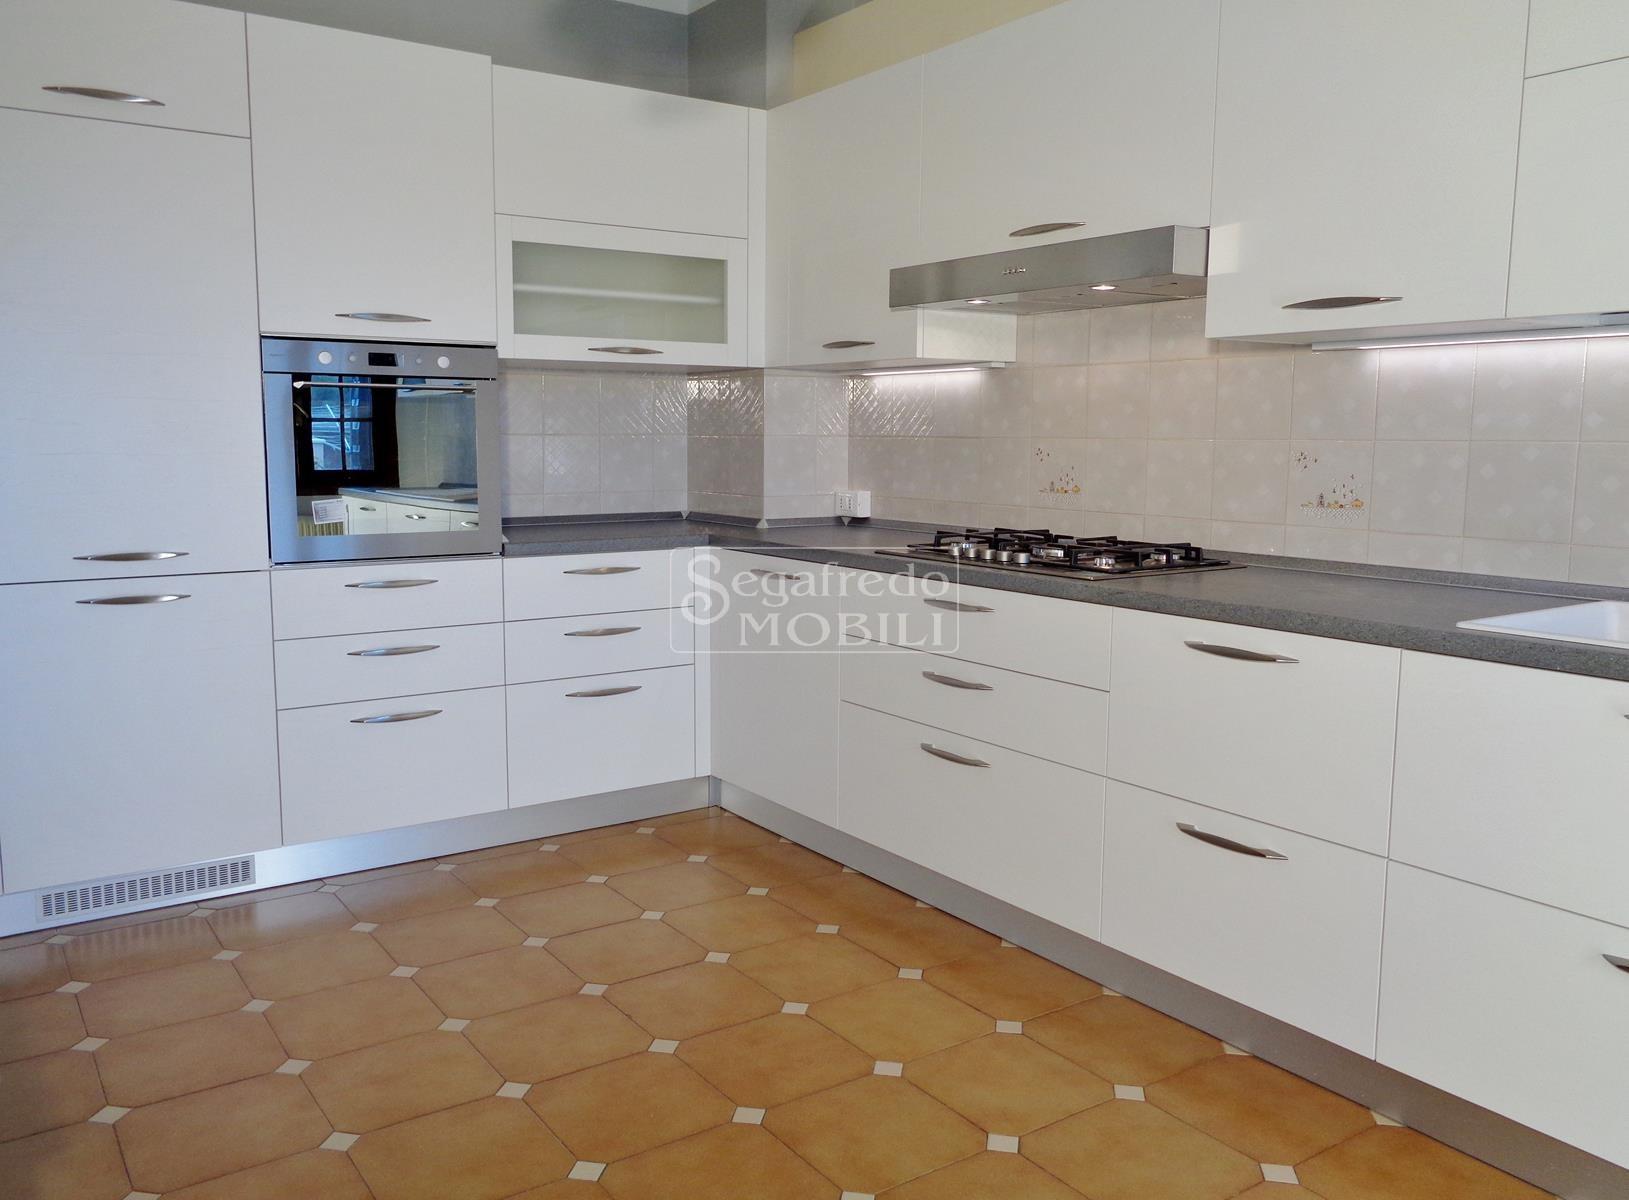 Cucina moderna in Legno rivestito da laminati e melaminici ...